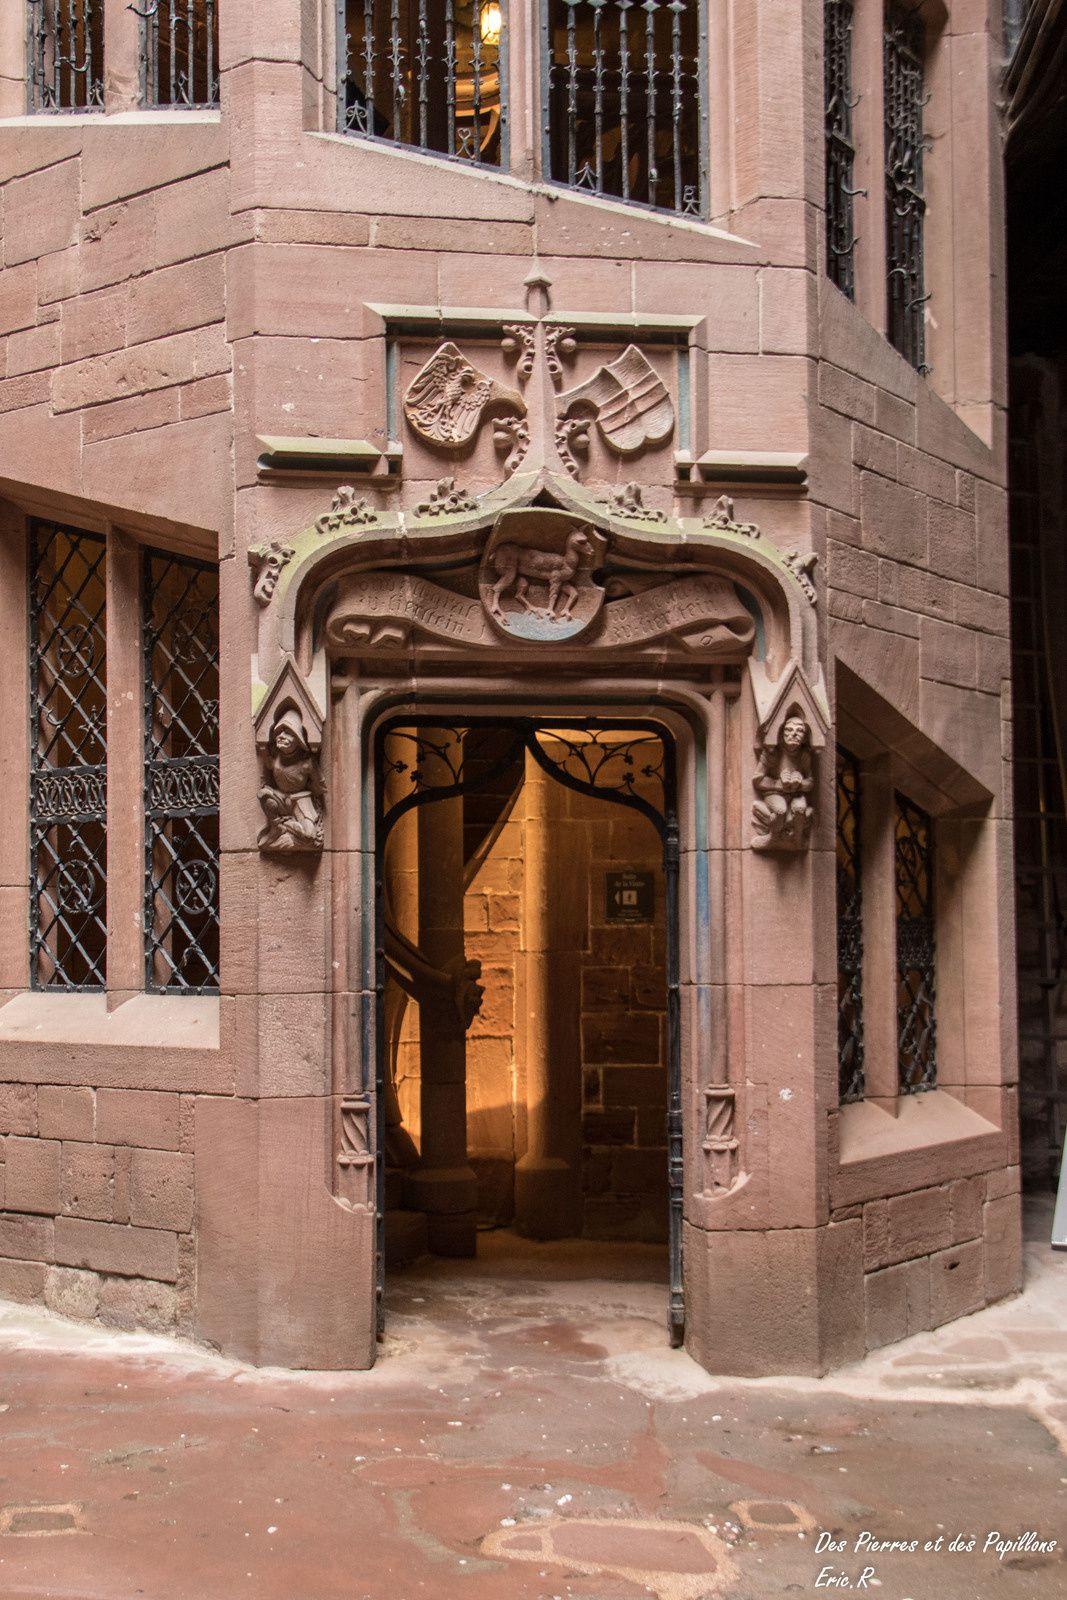 Vues des portes et escaliers